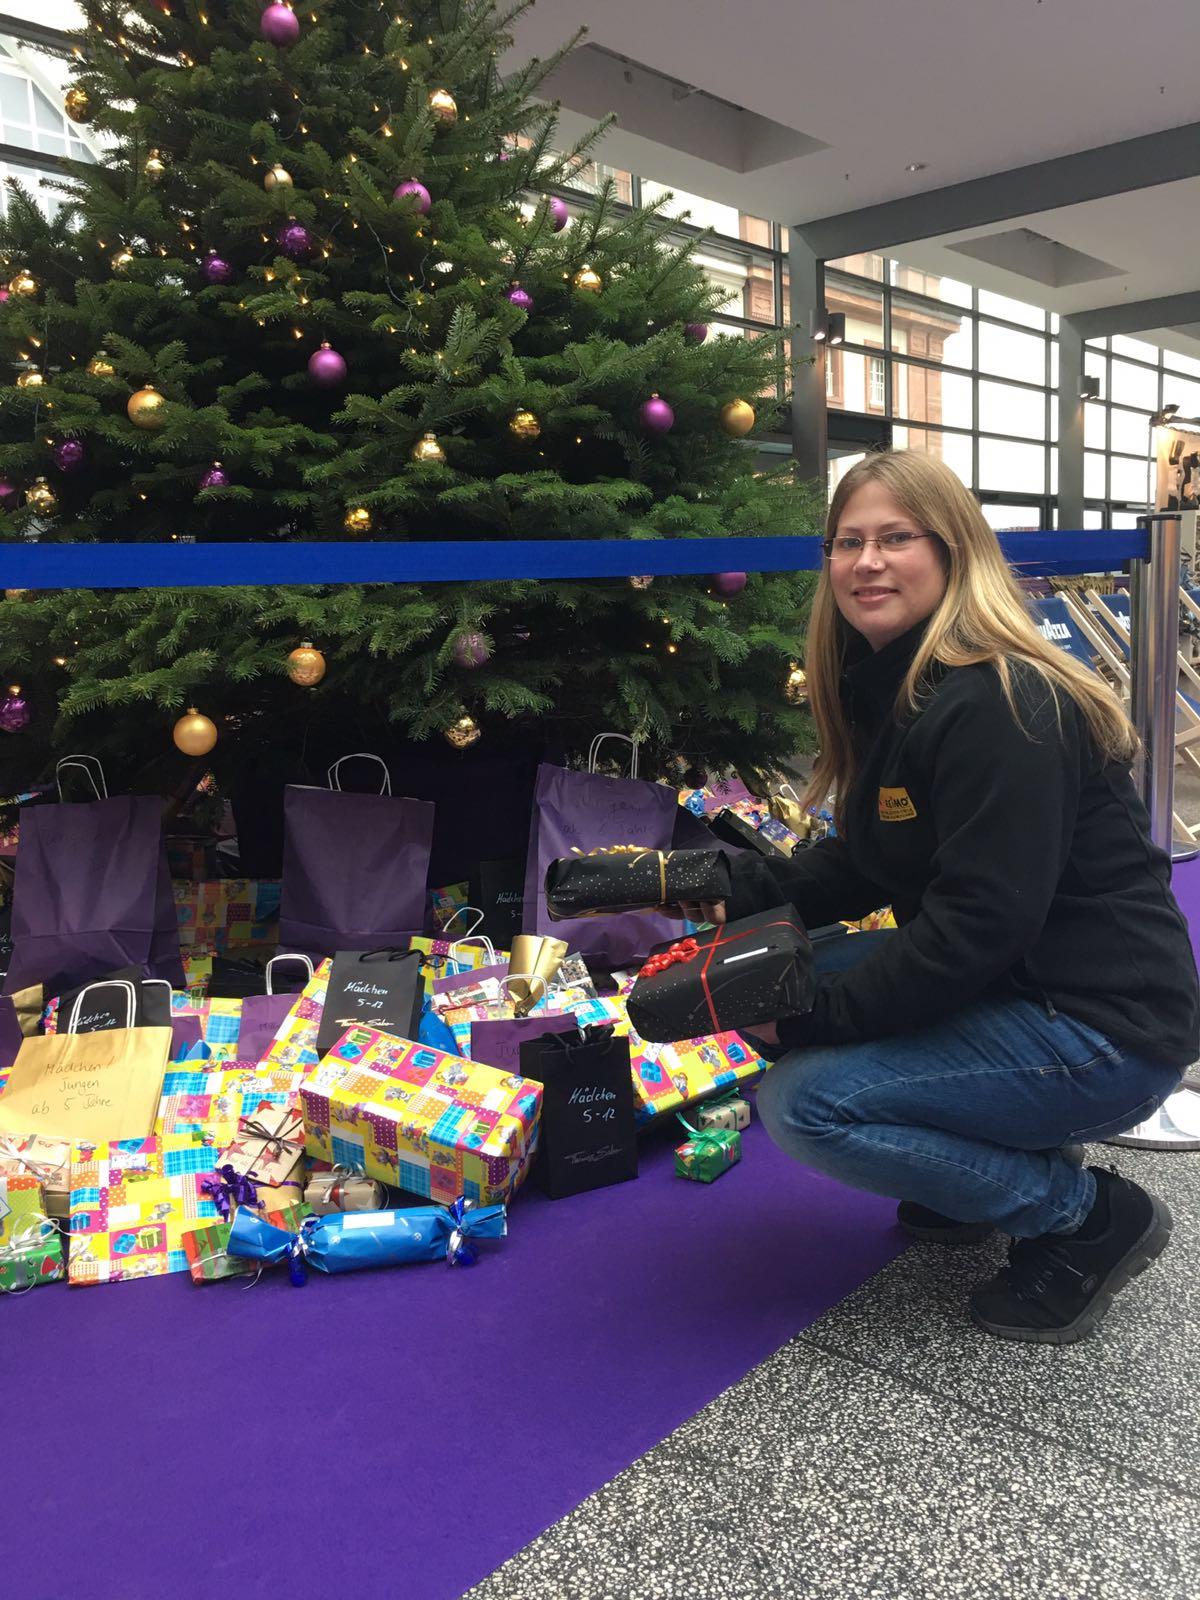 Reimo spendet Geschenke für benachteiligte Kinder